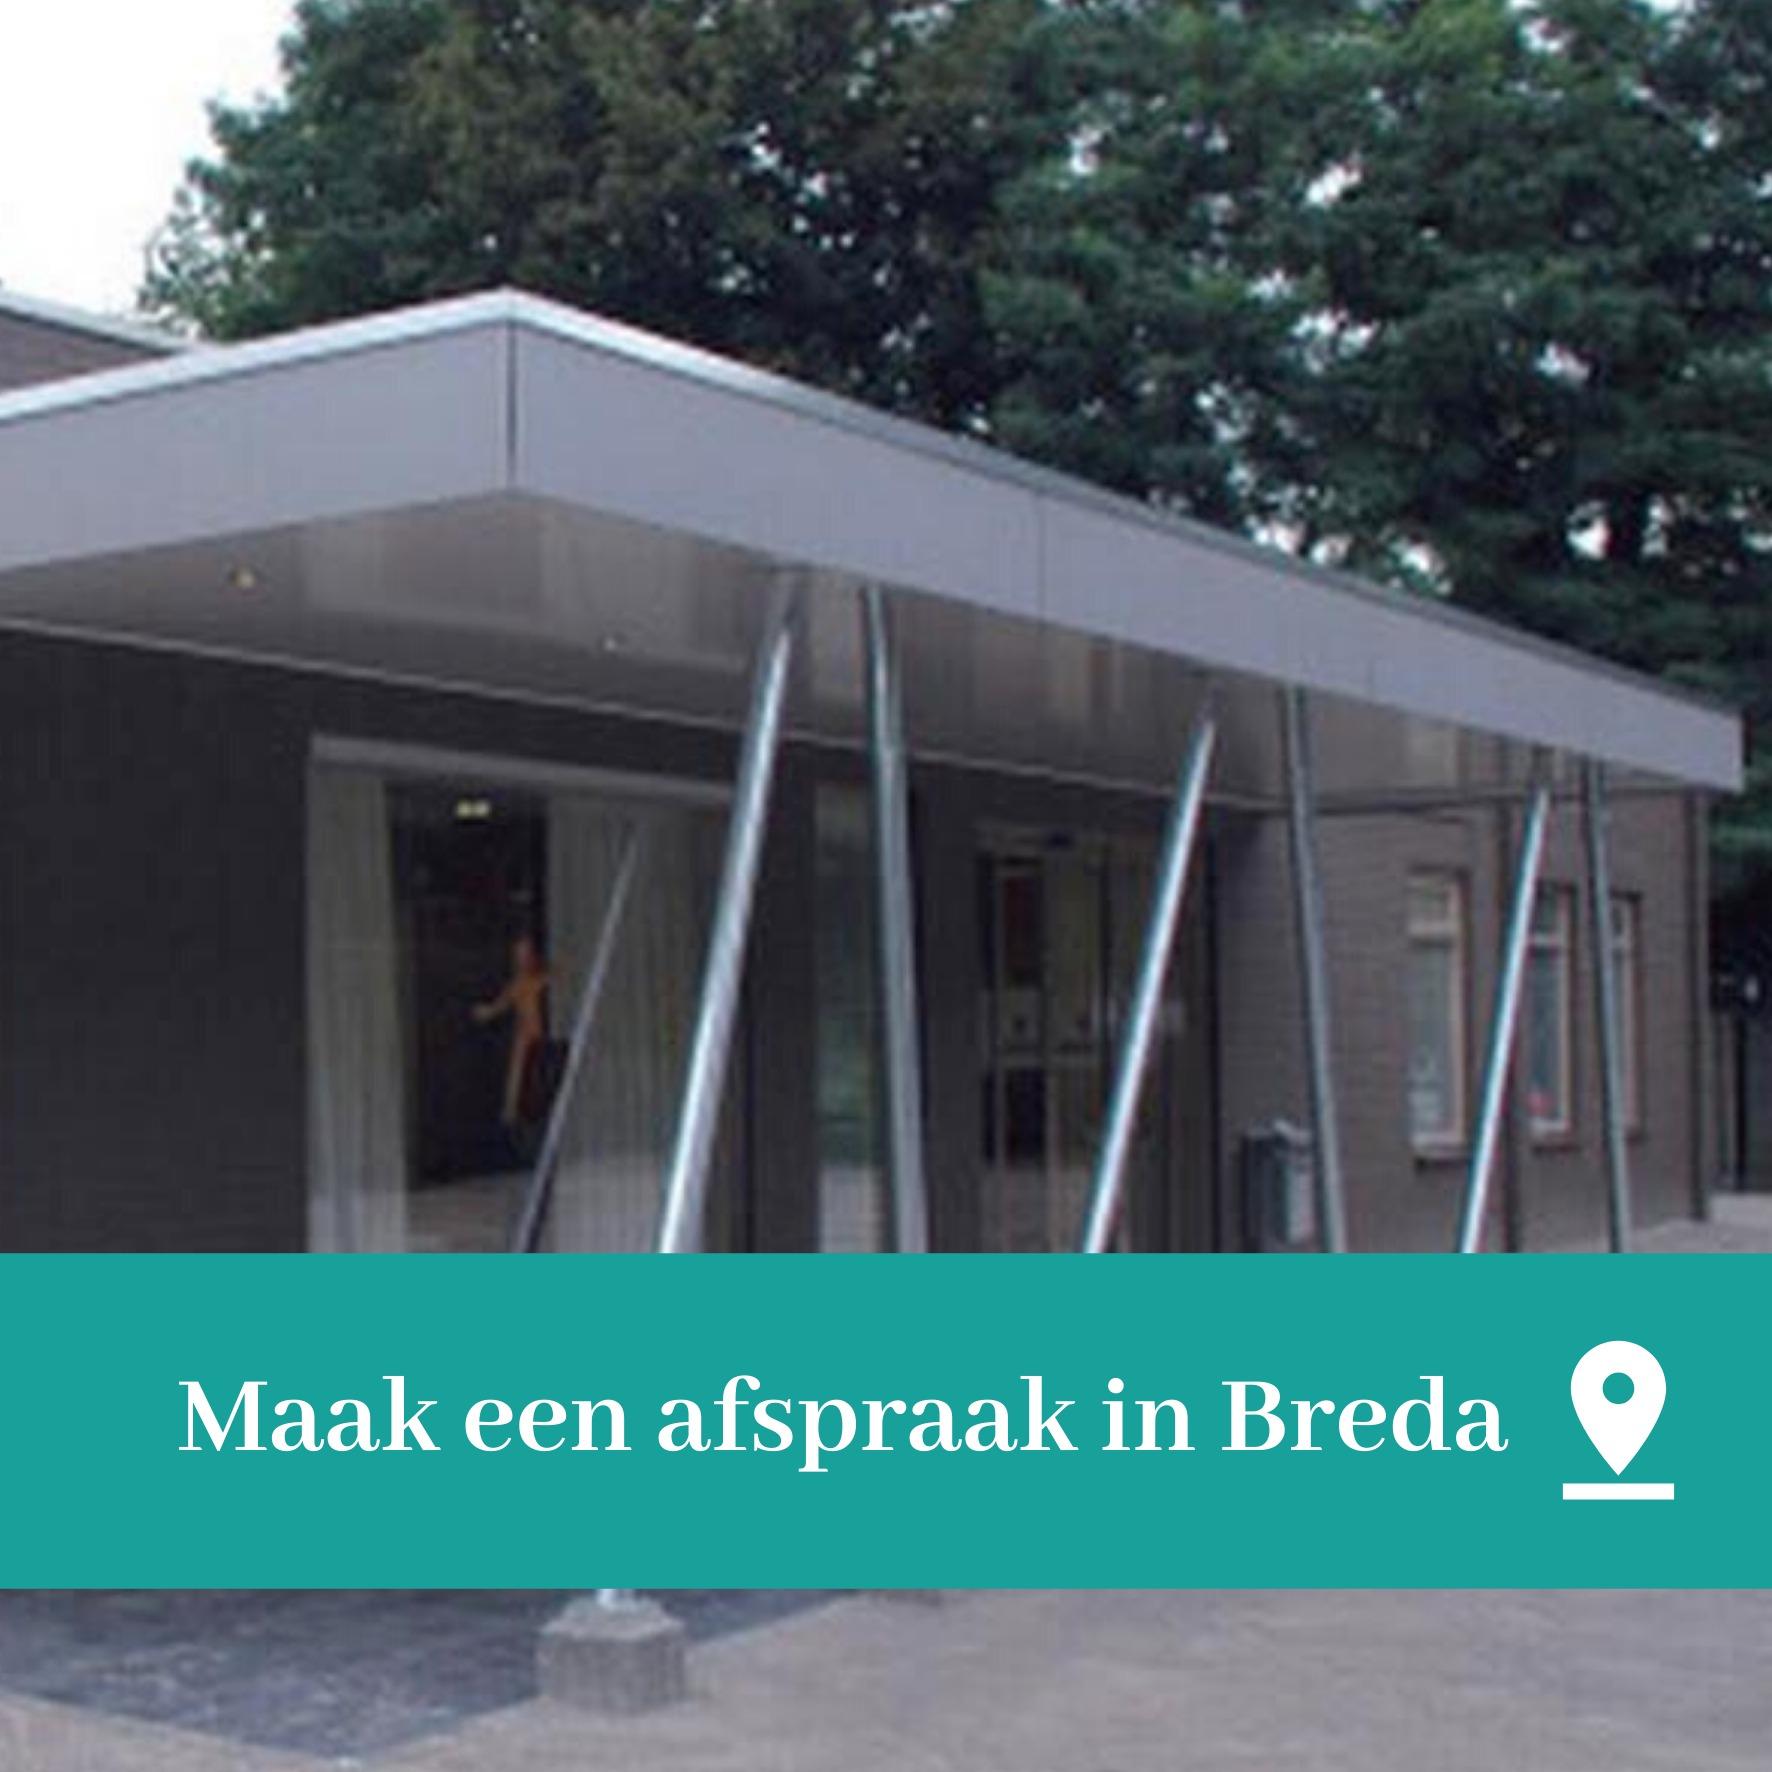 Locatie en vestiging van de besnijdenis kliniek in Breda